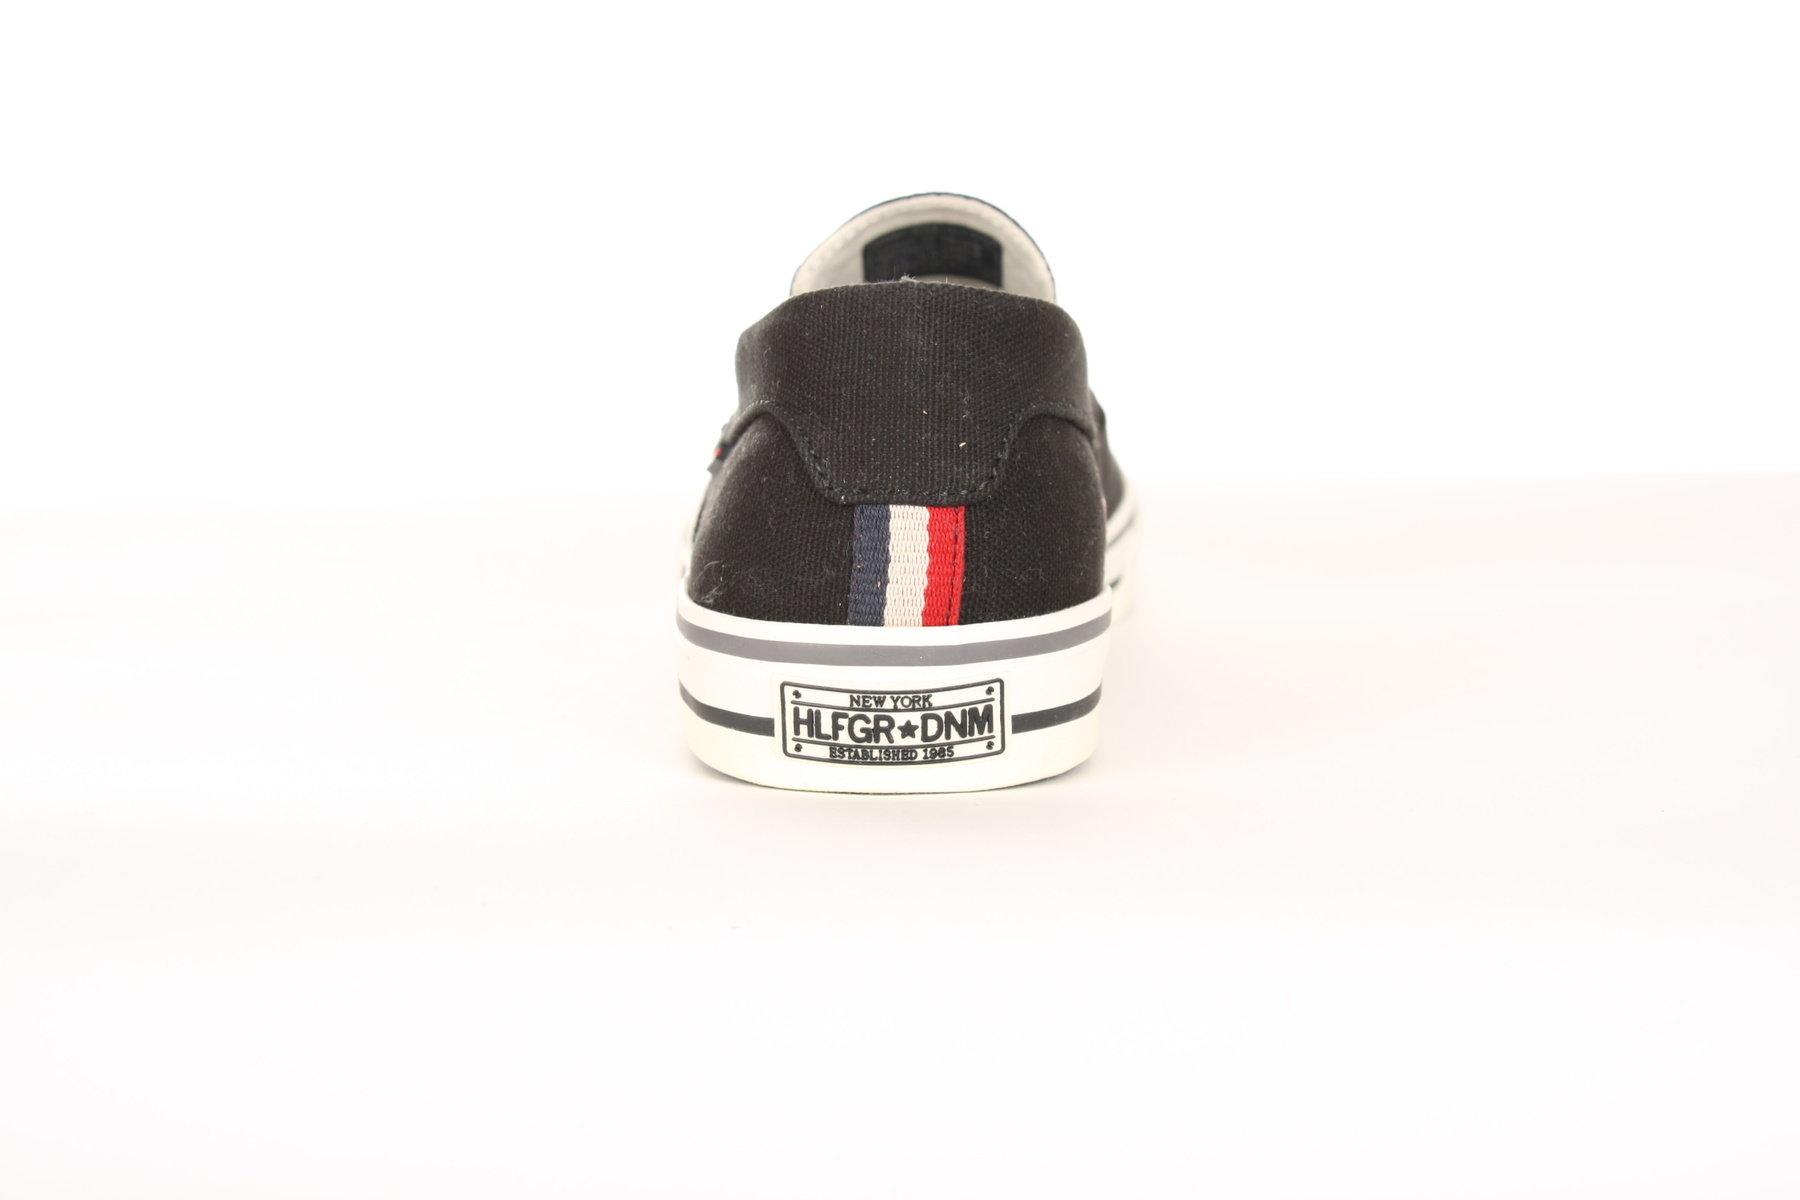 Tommy Hilfiger pánská černá obuv - Mode.cz 915d66888e